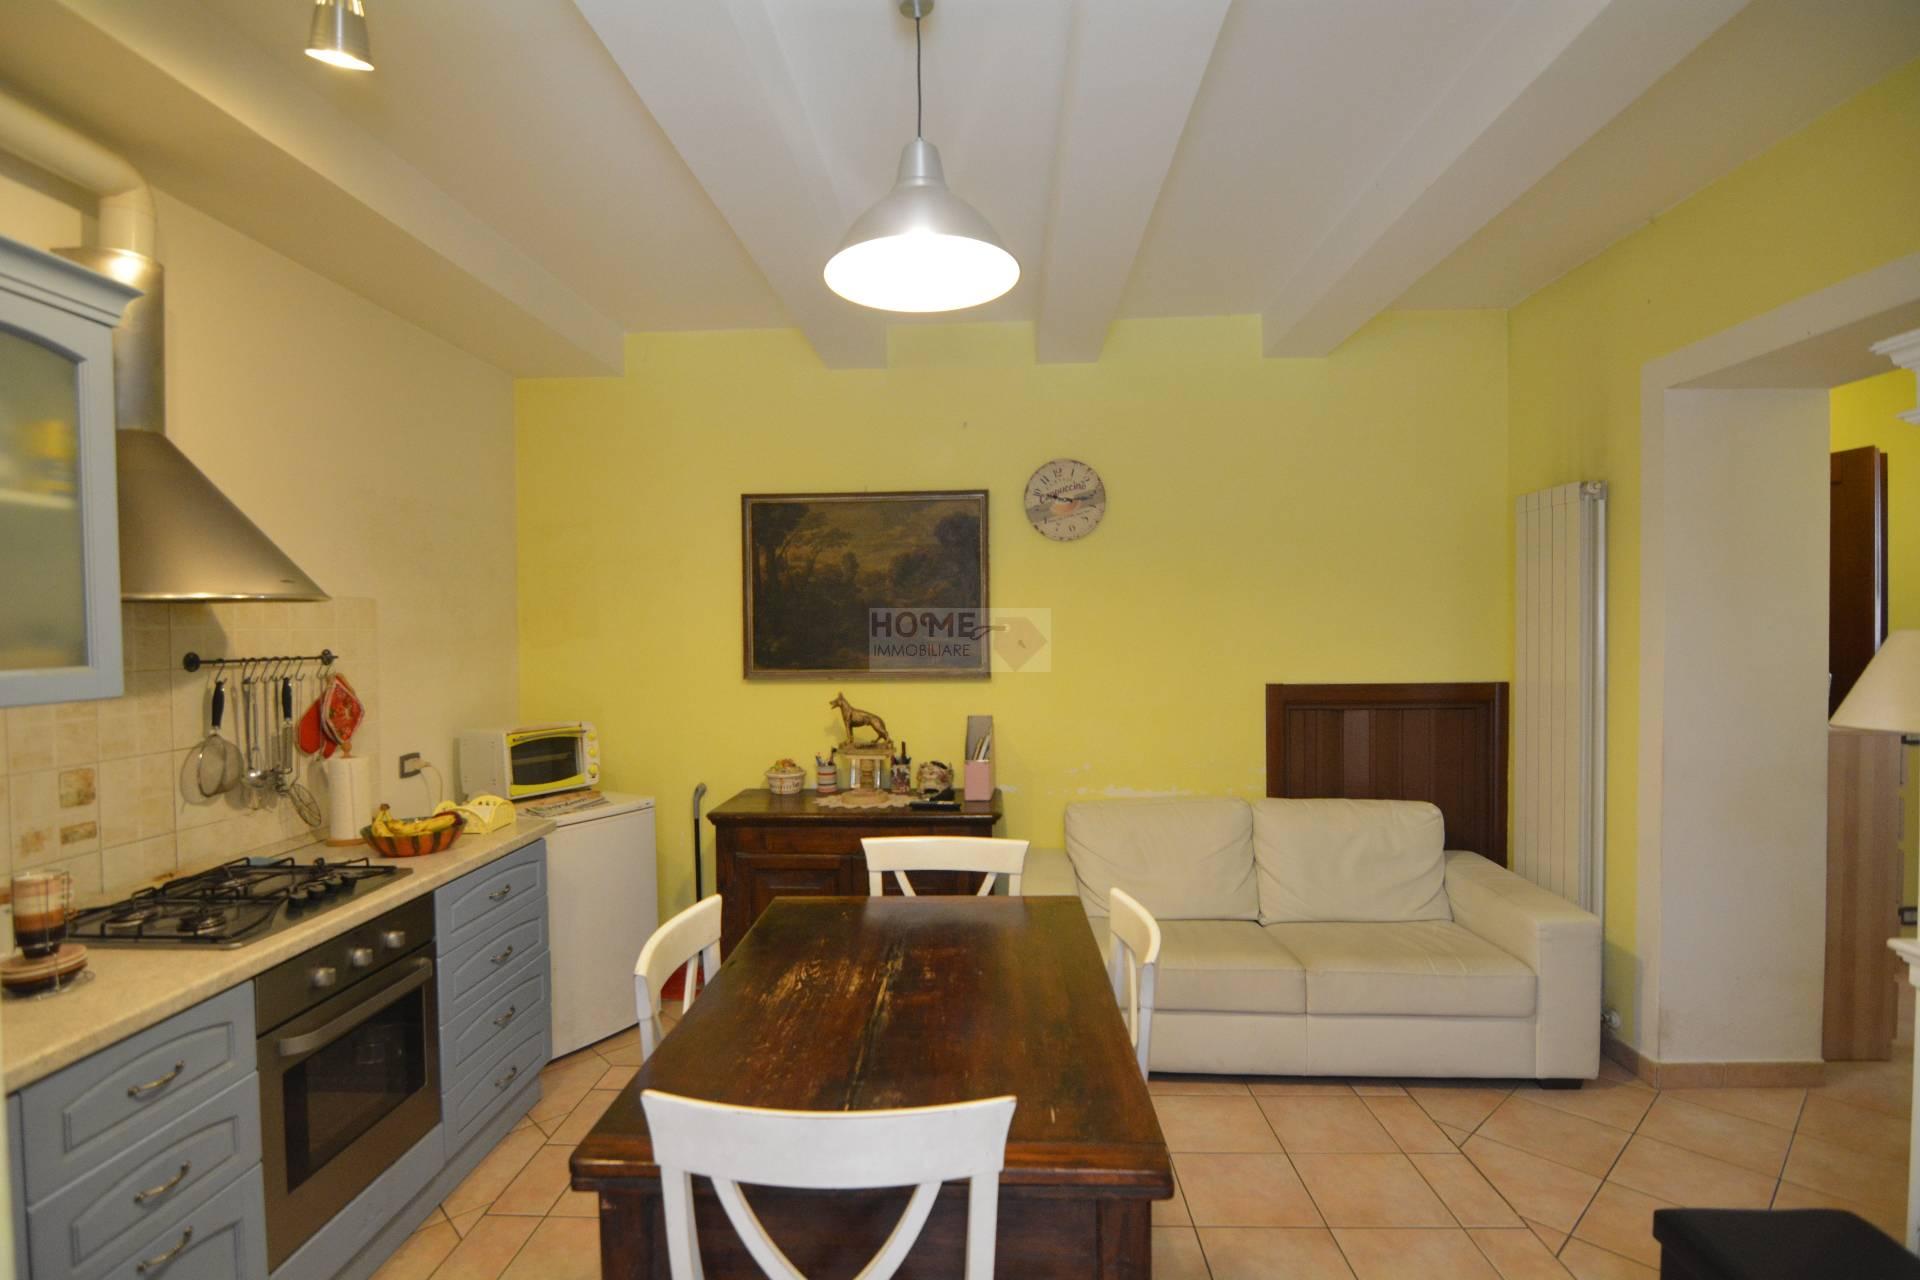 Appartamento in vendita a Macerata, 5 locali, zona Zona: Semicentrale, prezzo € 99.000 | Cambio Casa.it